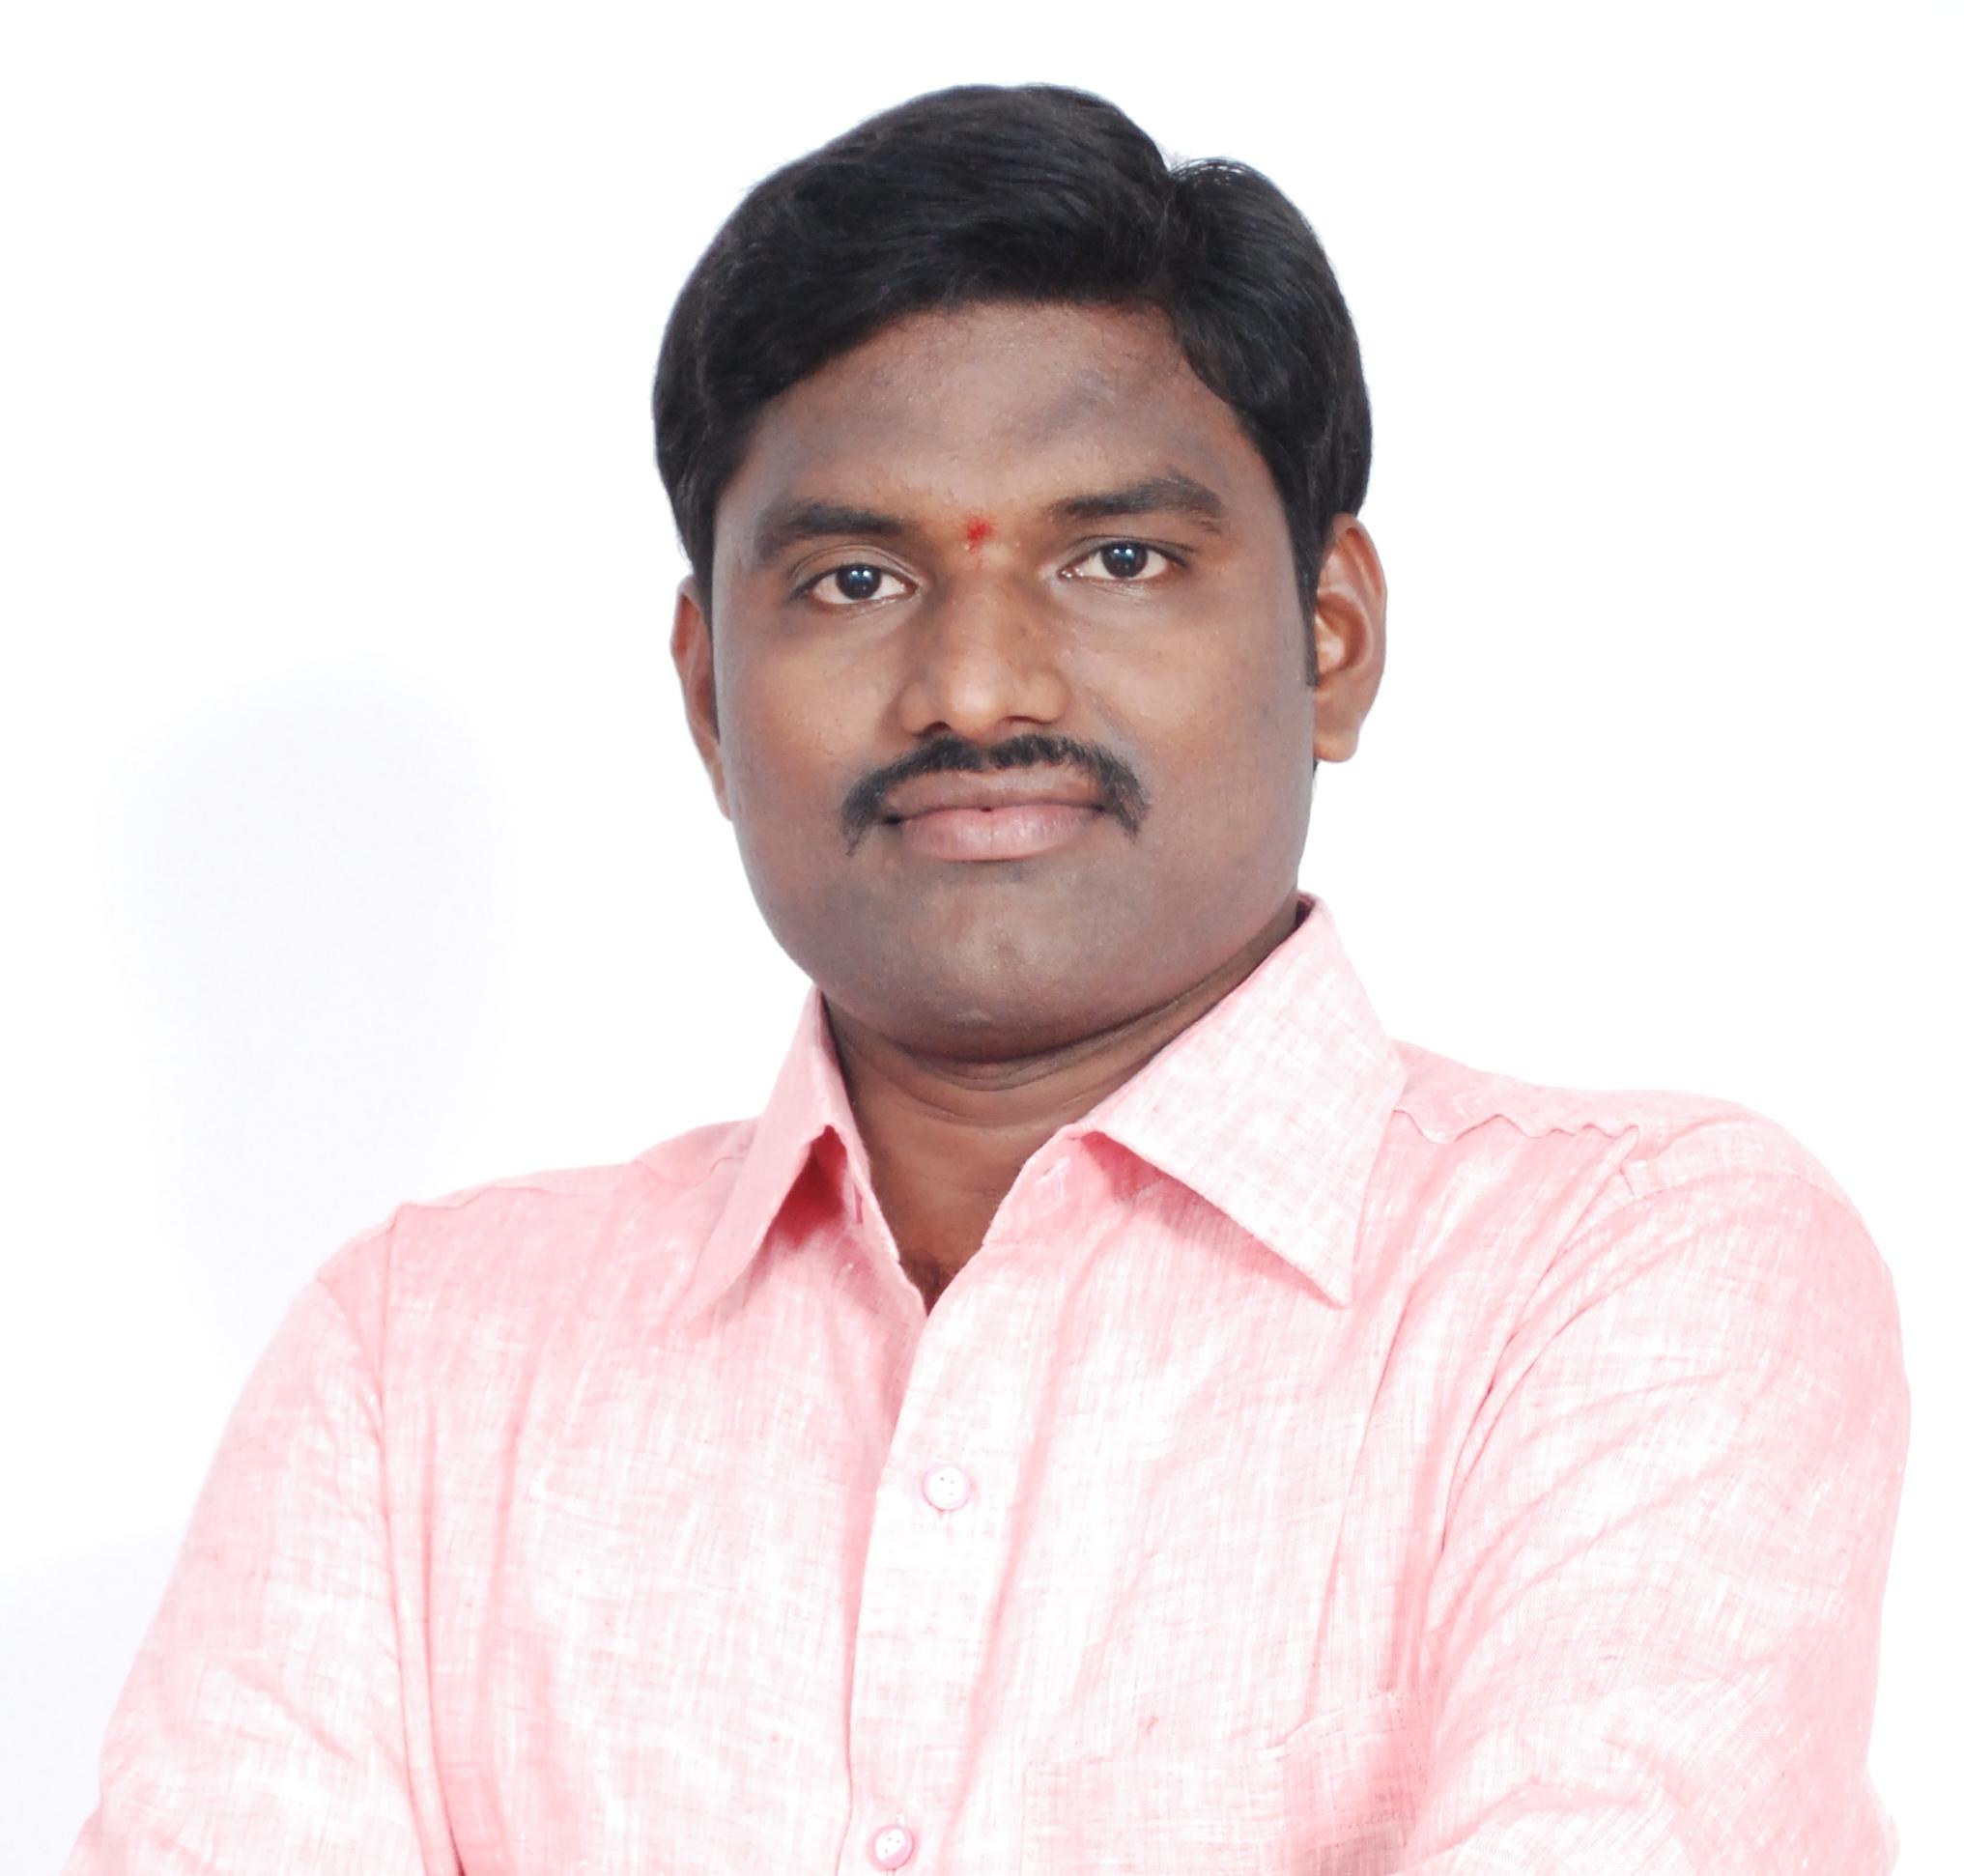 A Rama Prathap Reddy